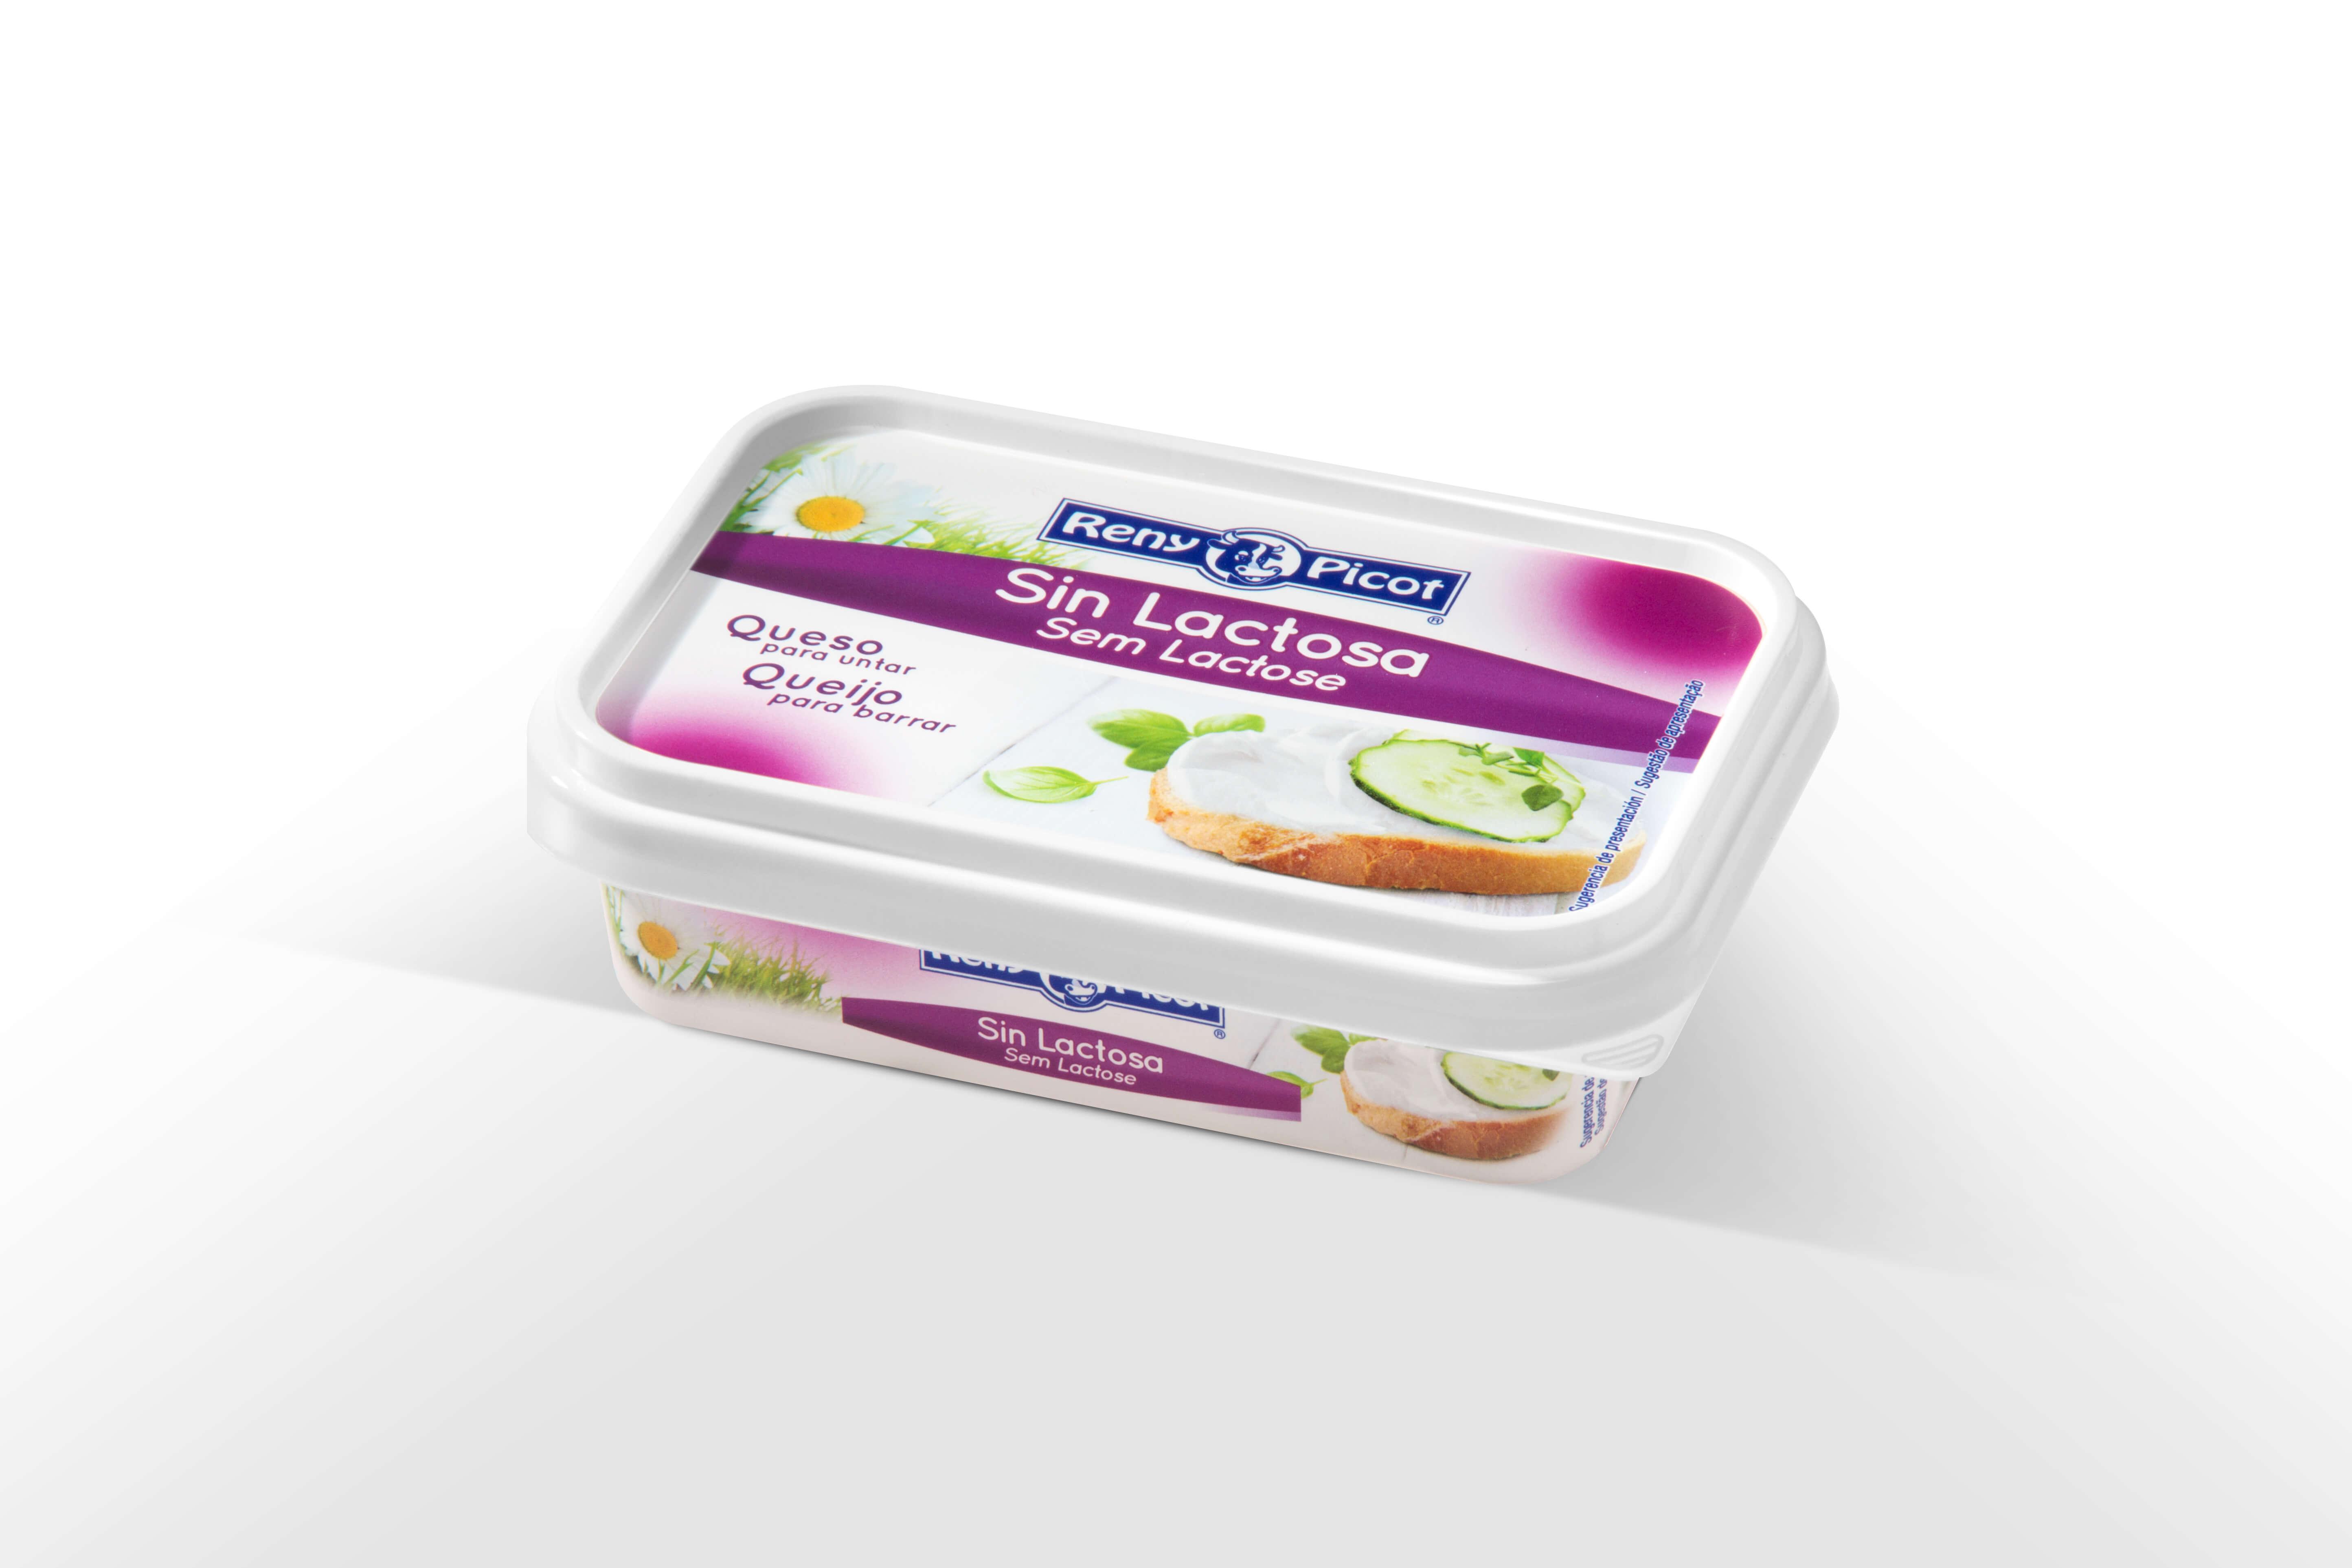 Queso sin lactosa Reny Picot - recetas fáciles